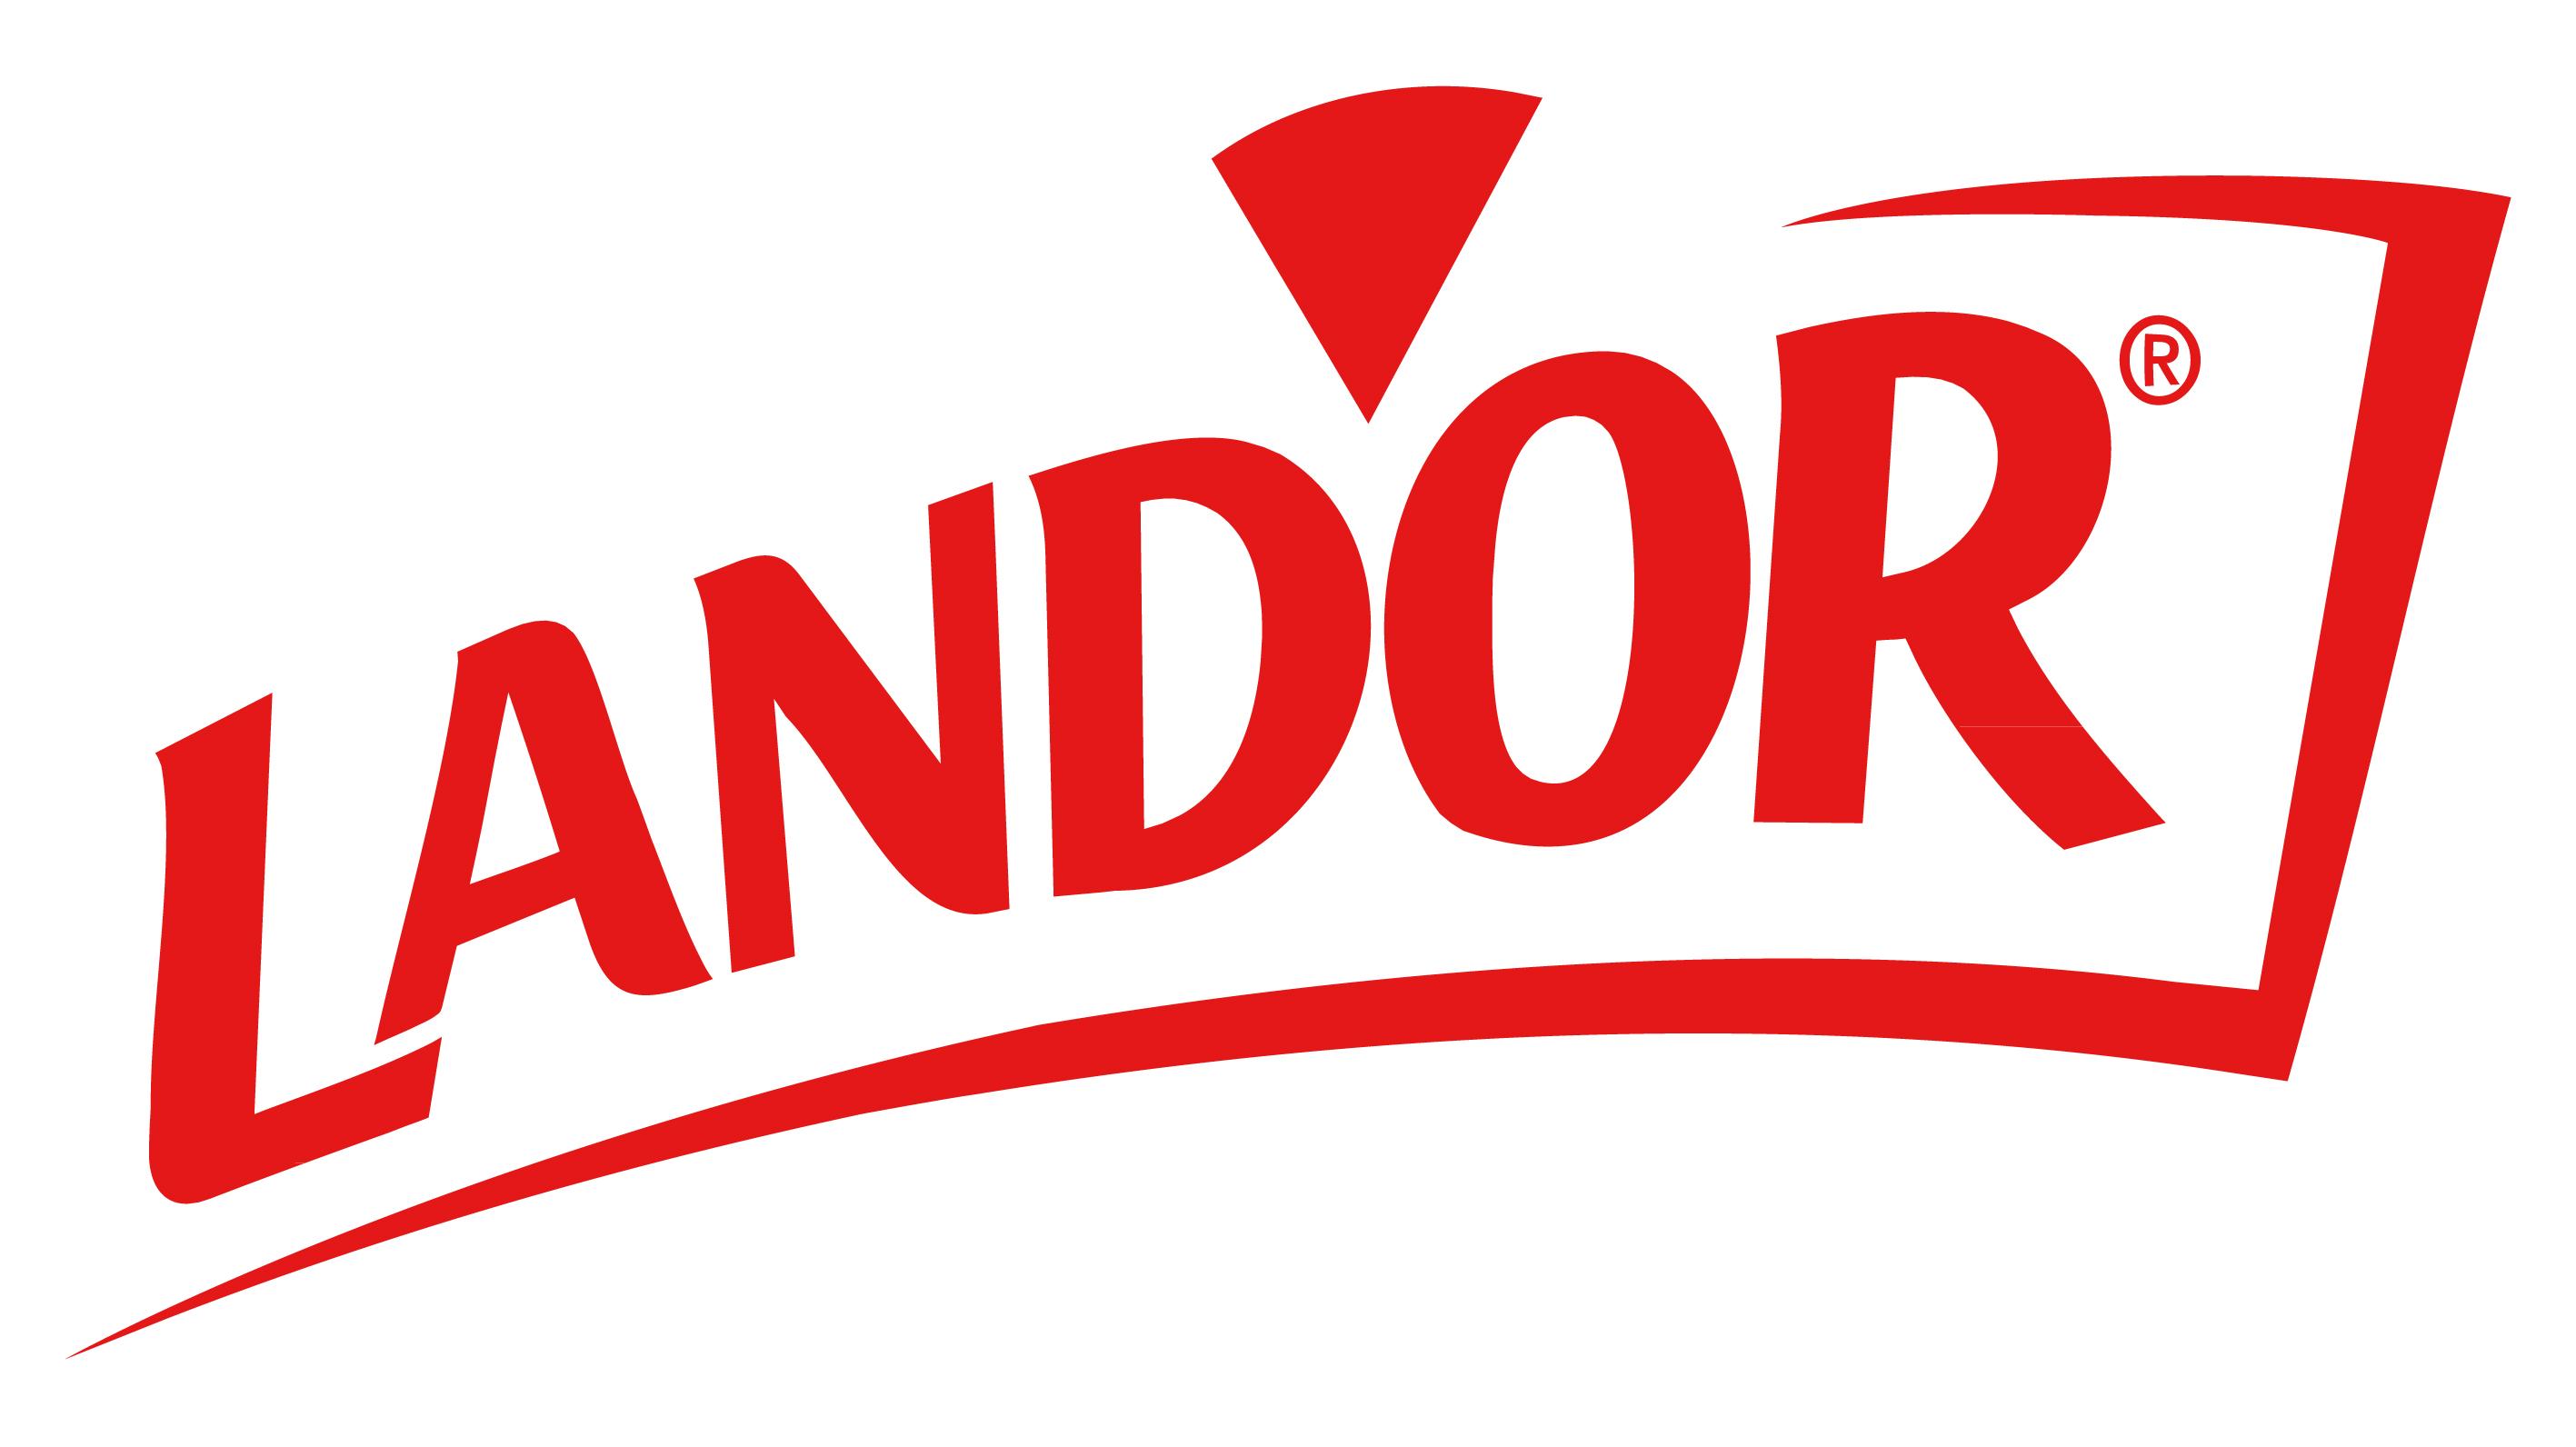 Liste des soci t s cot es bourse de tunis for Landor logo